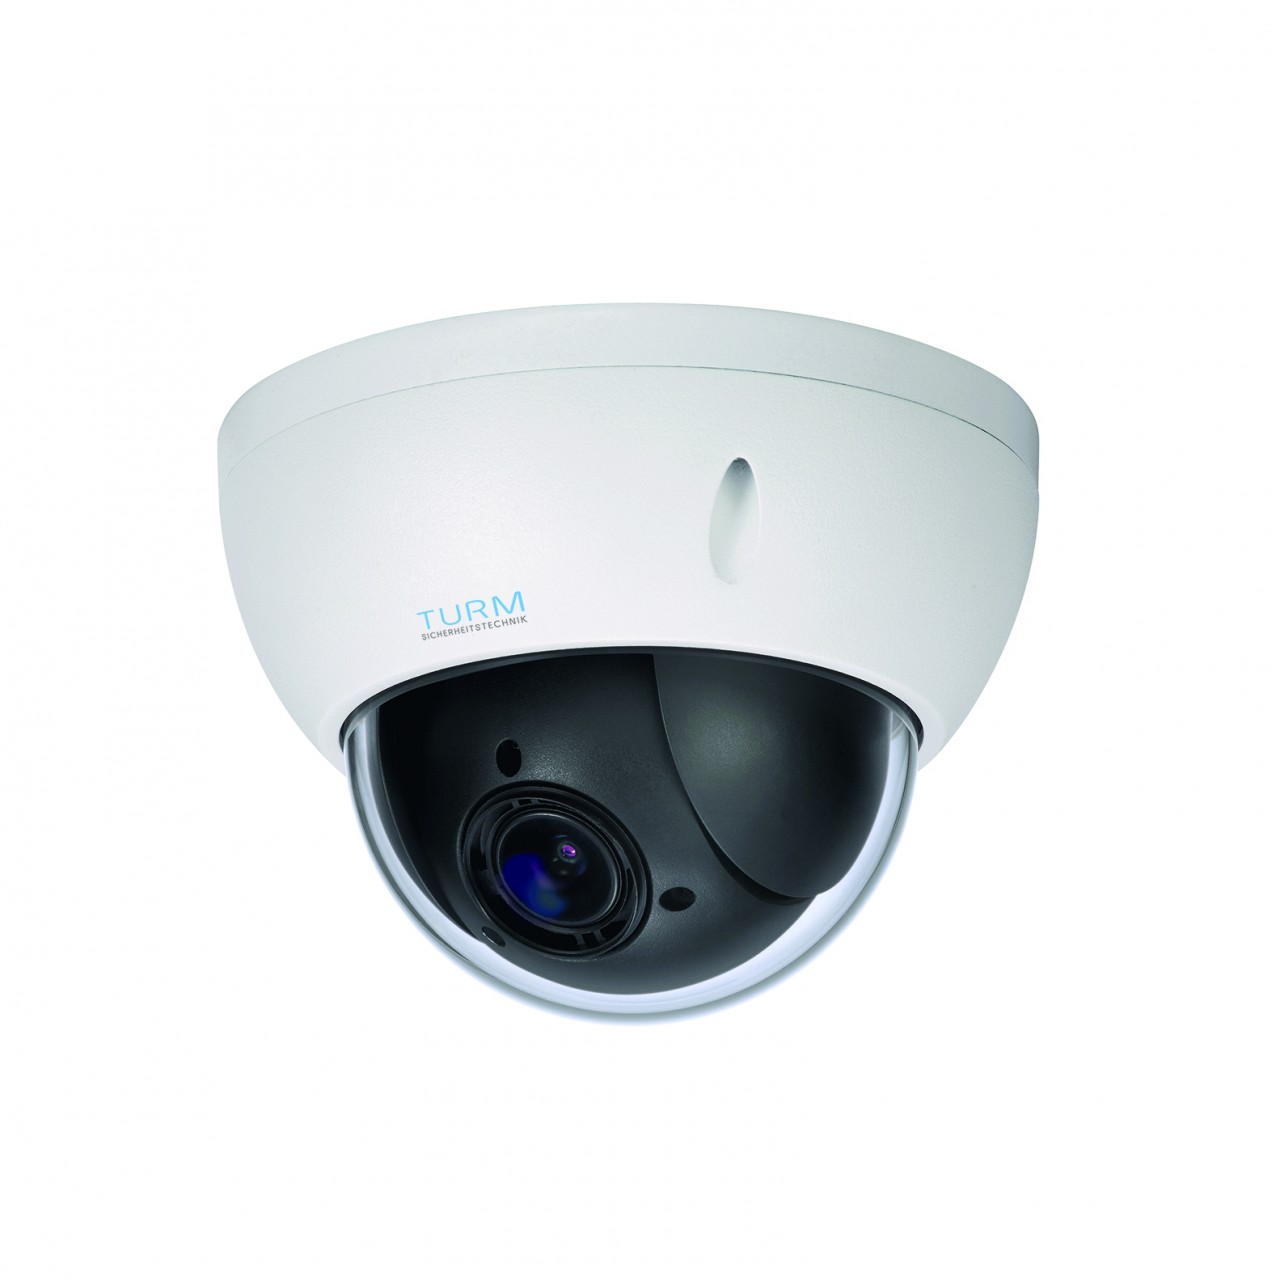 TURM IP Professional 4 MP PTZ Dome Kamera mit 4x Zoom, IVS, Micro SD, PoE und Onvif